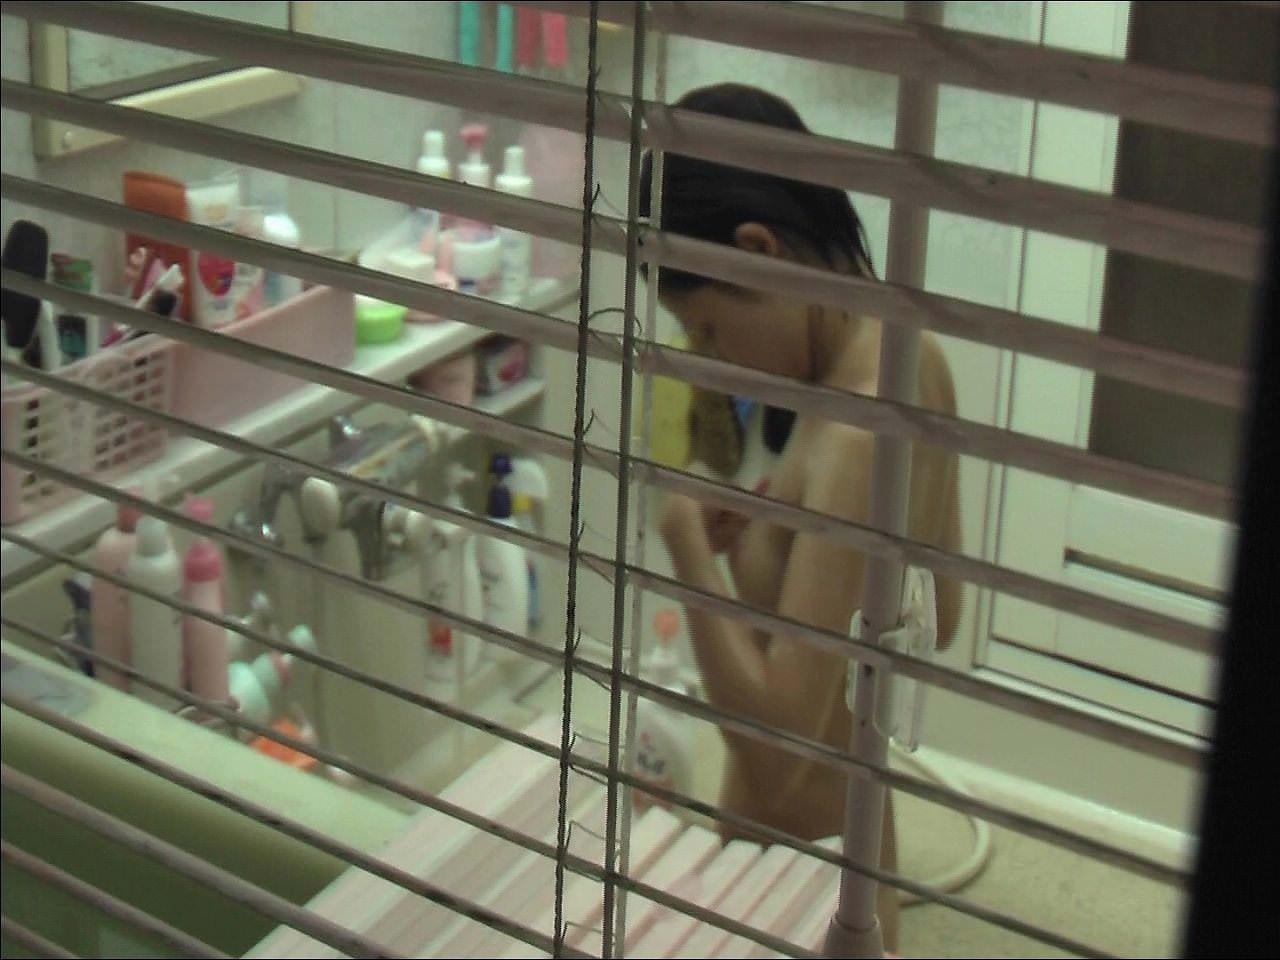 近所に住む女子大生の部屋やお風呂を隠し撮りしたエロ画像 194